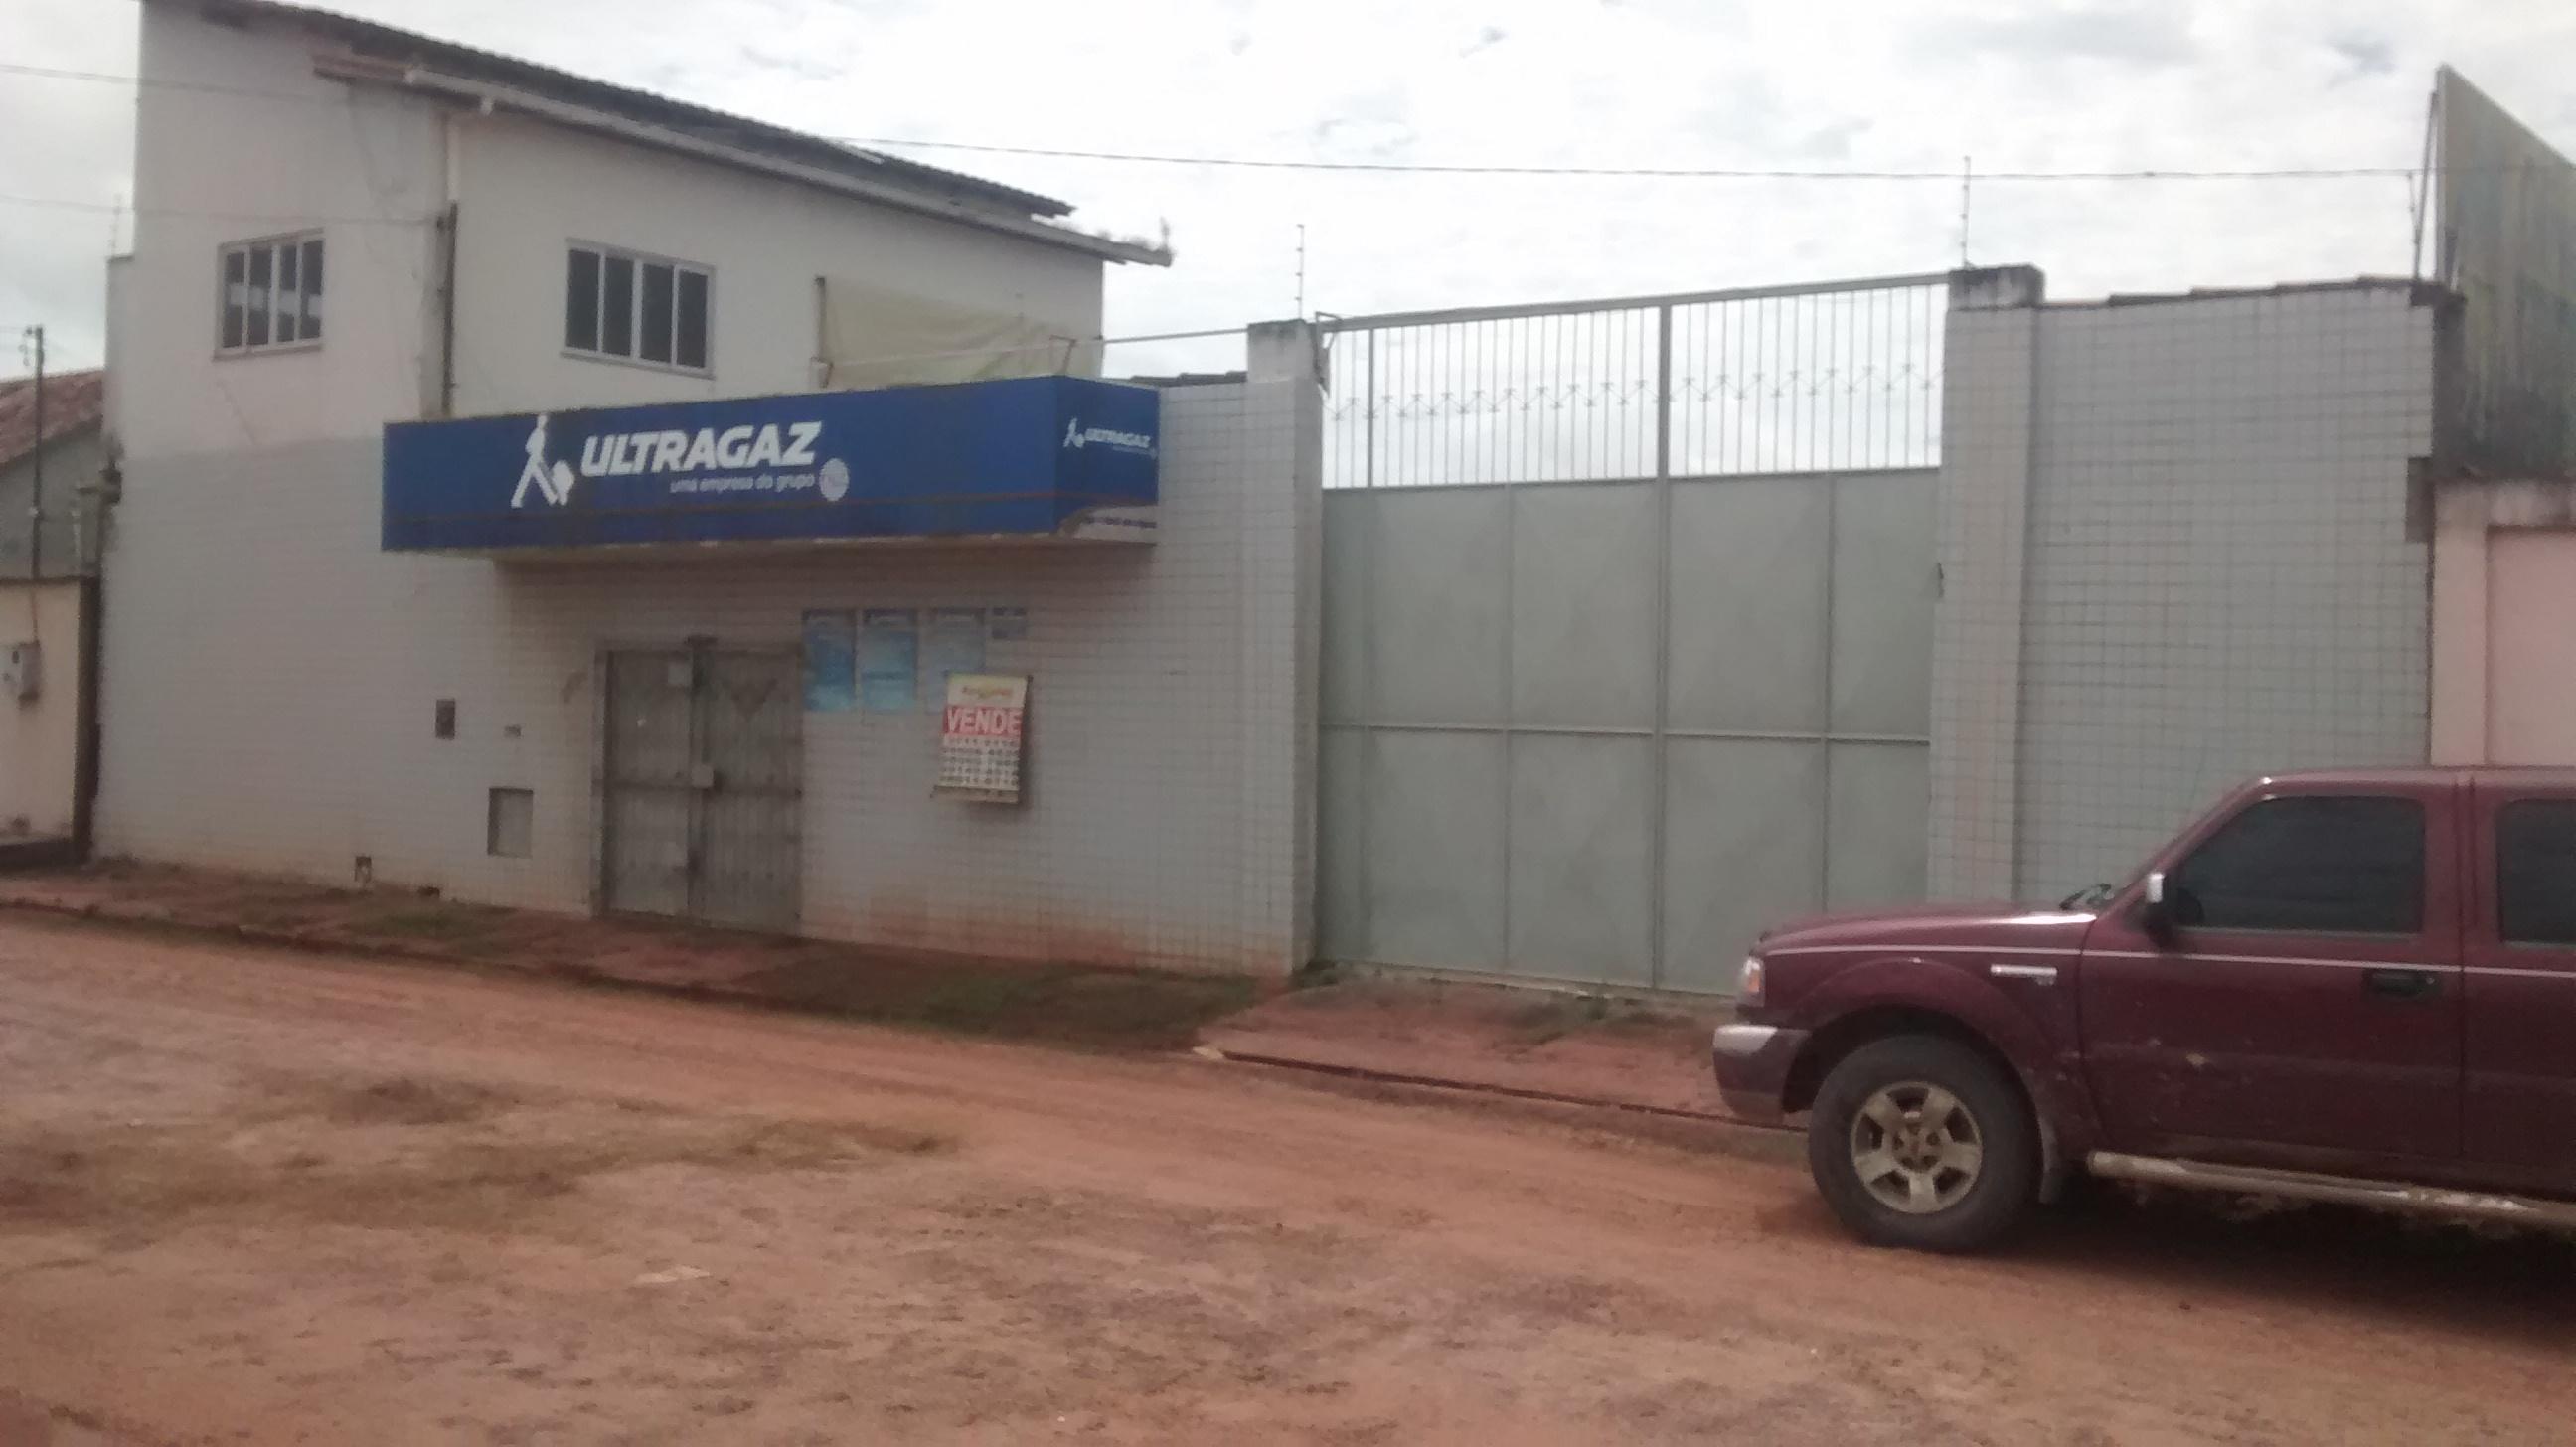 Venda de DEPÓSITO DE GÁS DA ULTRA